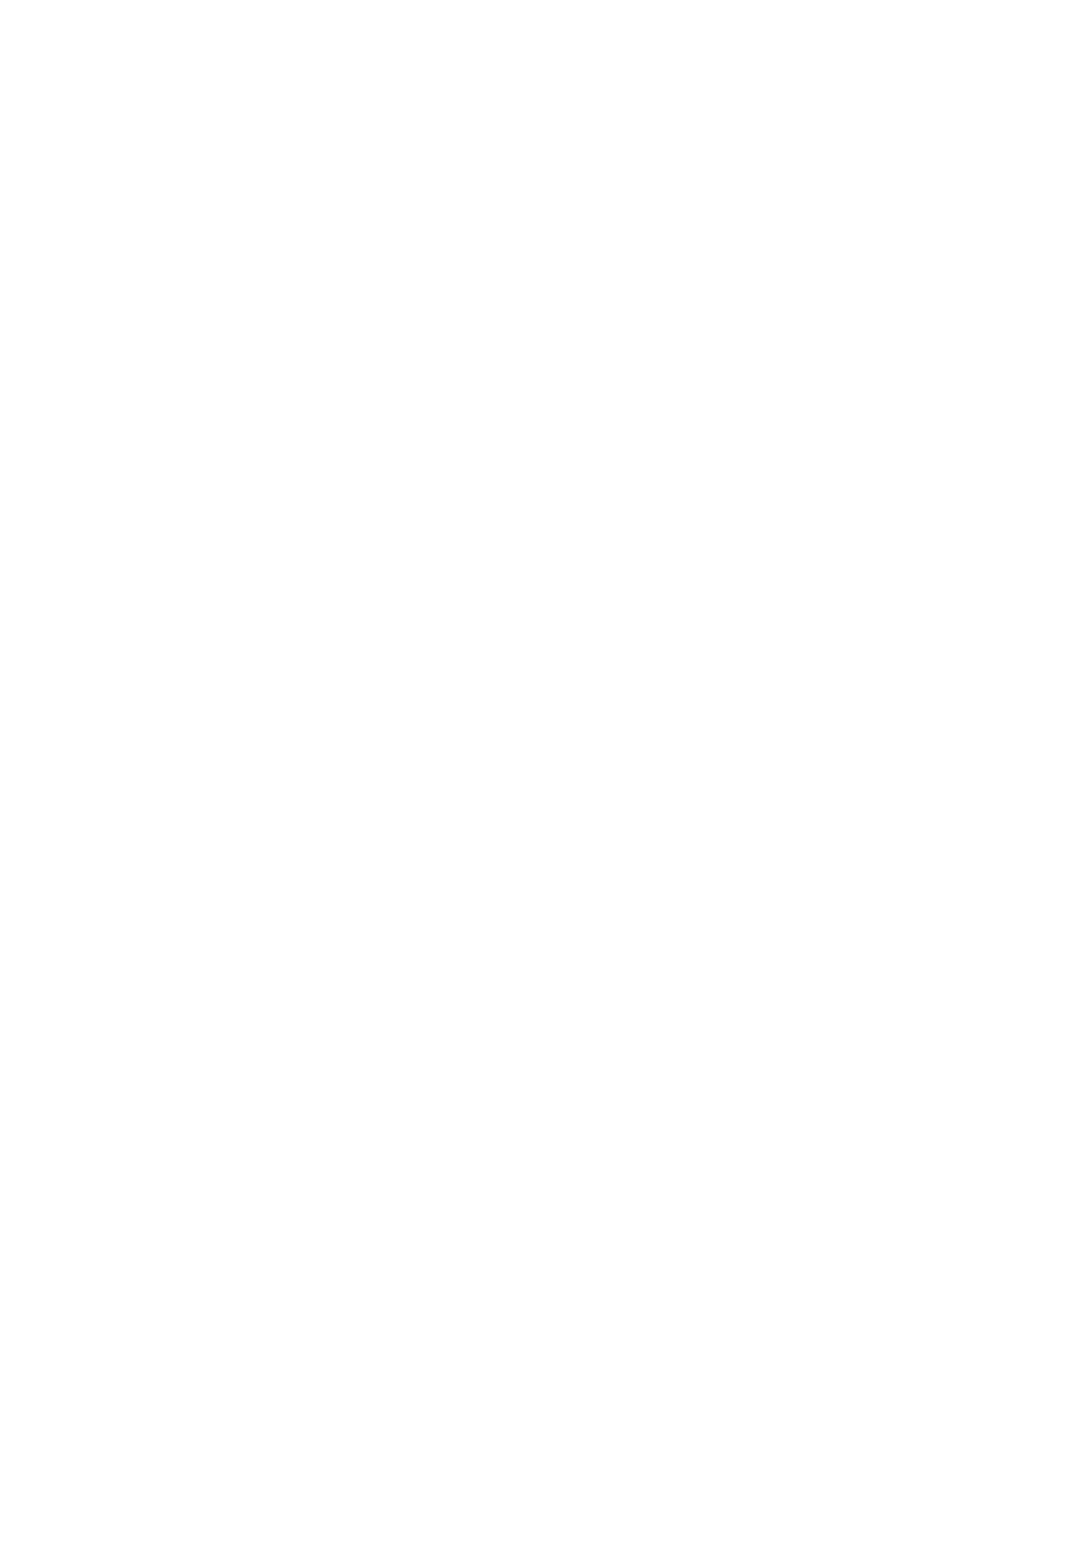 【エロ漫画】誰もいない家の中で全裸徘徊することが趣味の姉…今日も全員が出かけたのを見届けた後全裸になってリビングでくつろいでいた!しかしゲリラ豪雨によって帰宅した母と妹に鉢合わせないように自室へ帰らなければいけなくなり!?【涼海来夏】